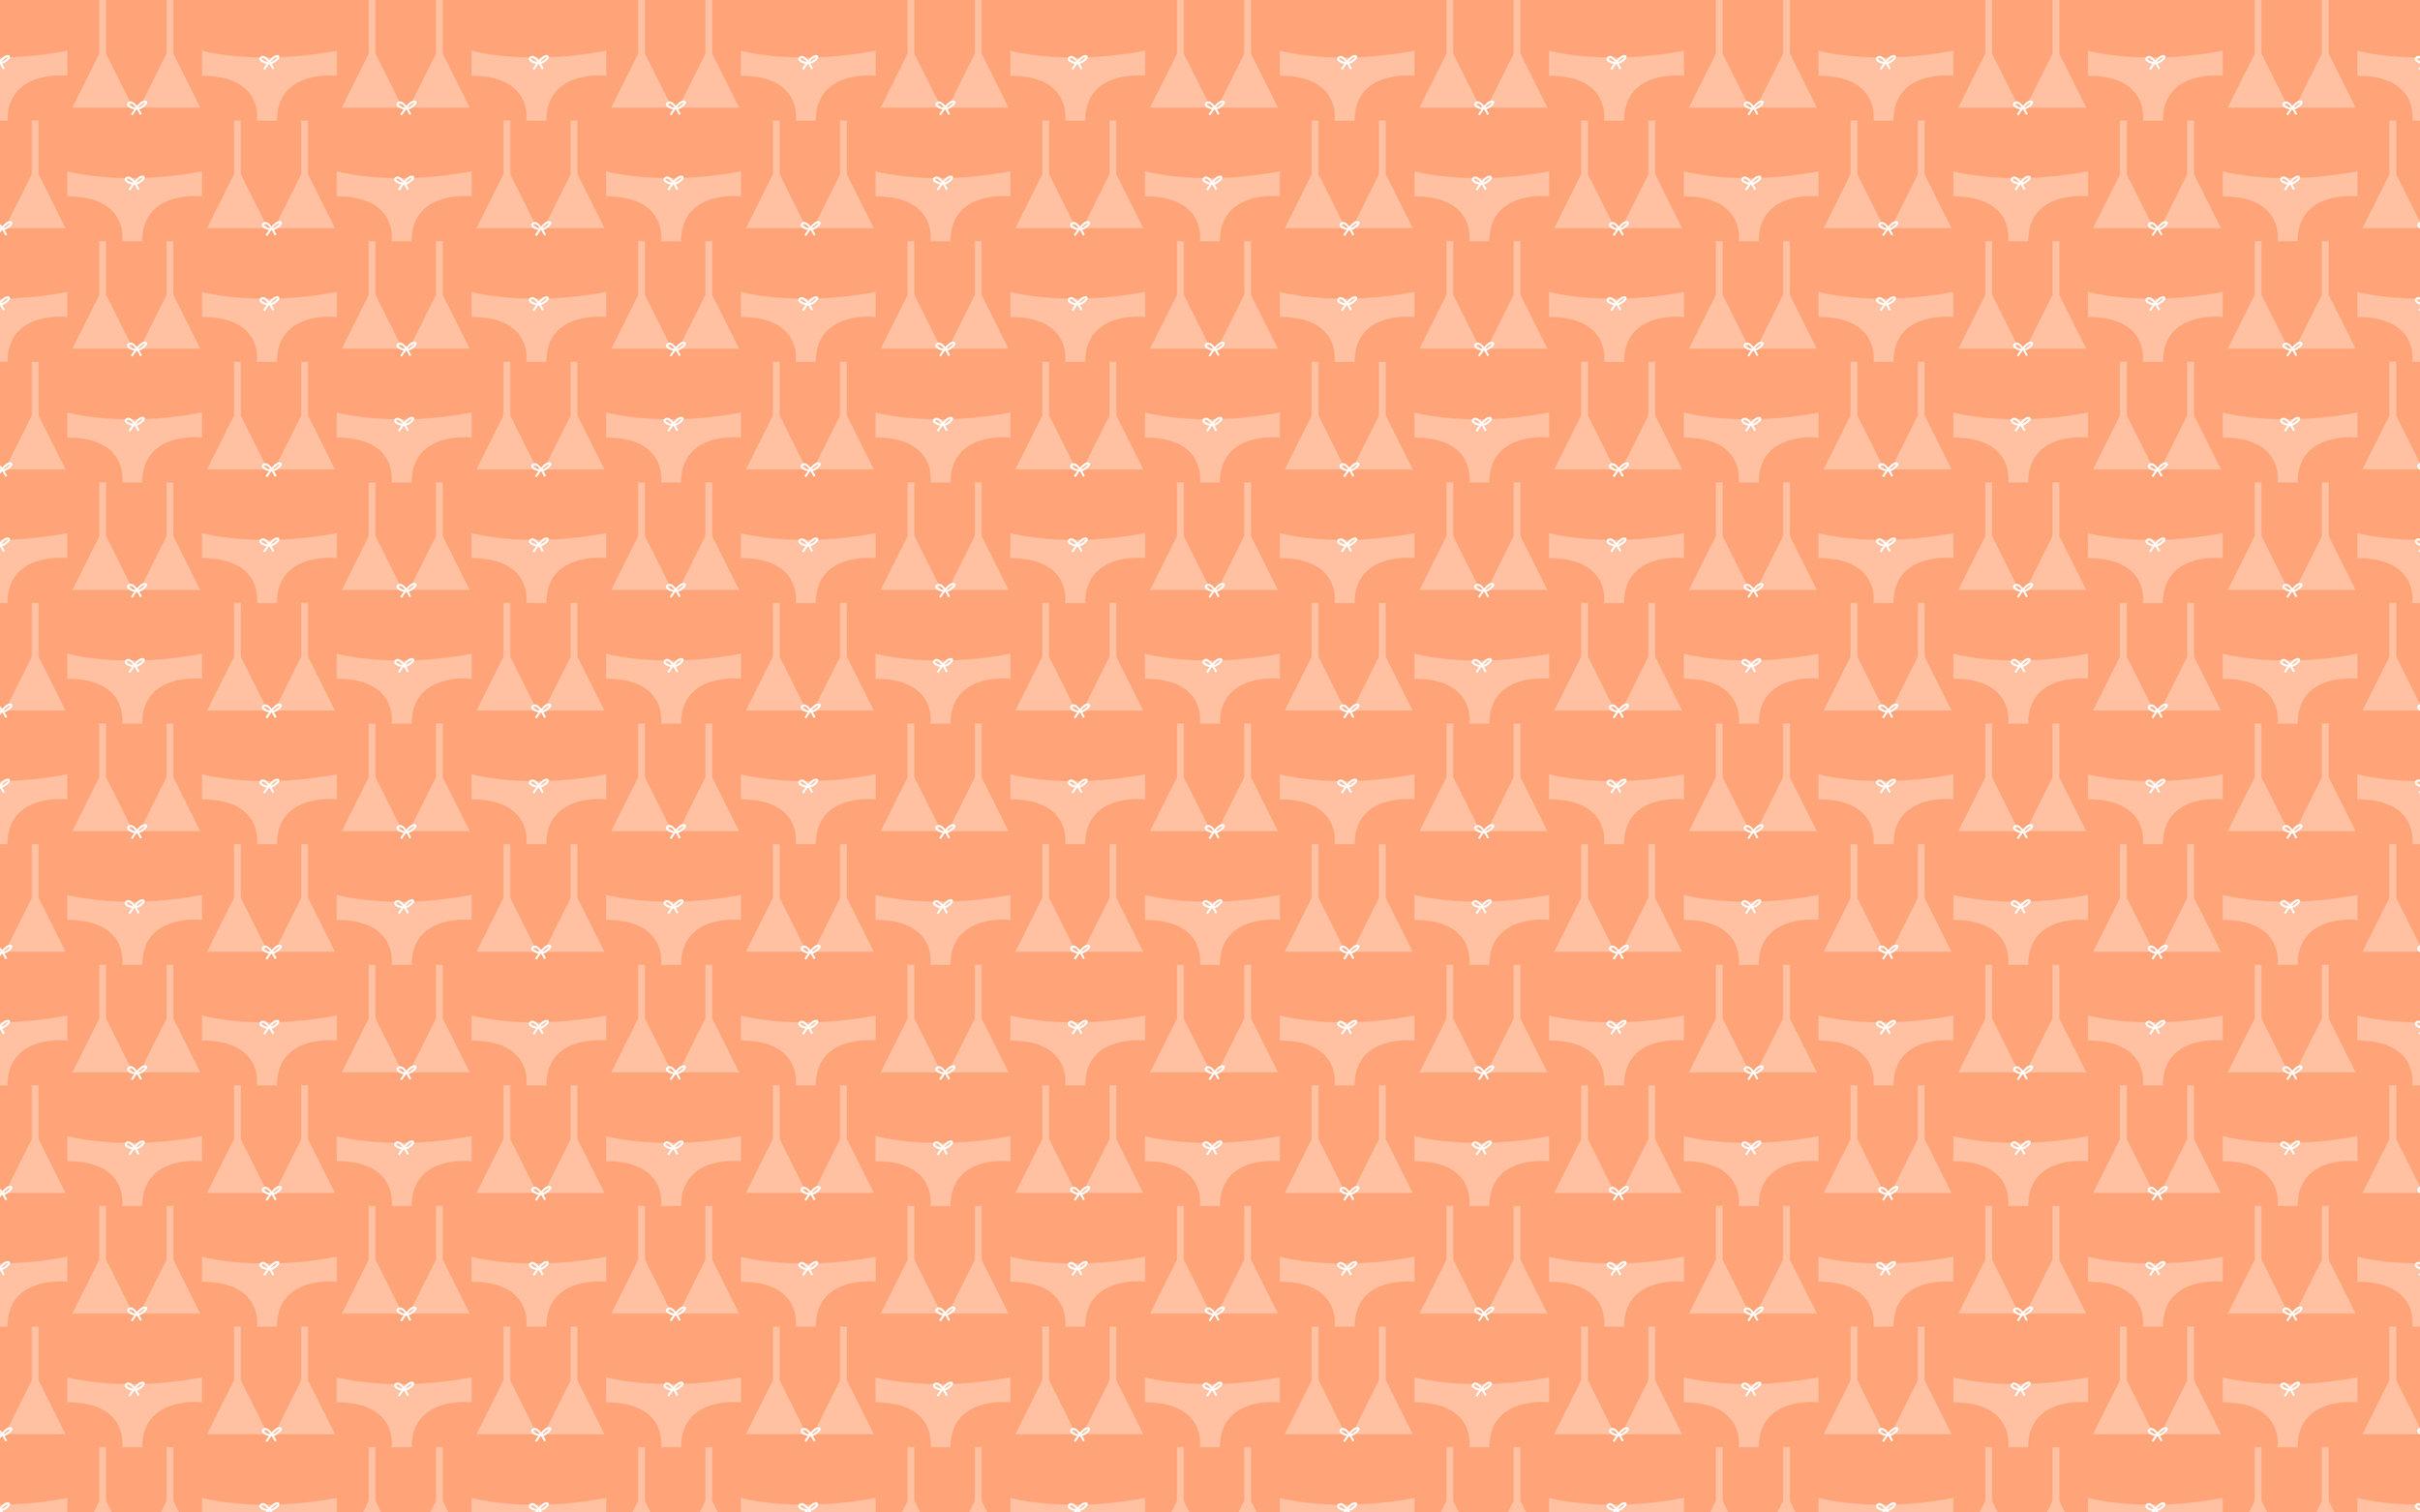 Underwear Pattern 5.jpg